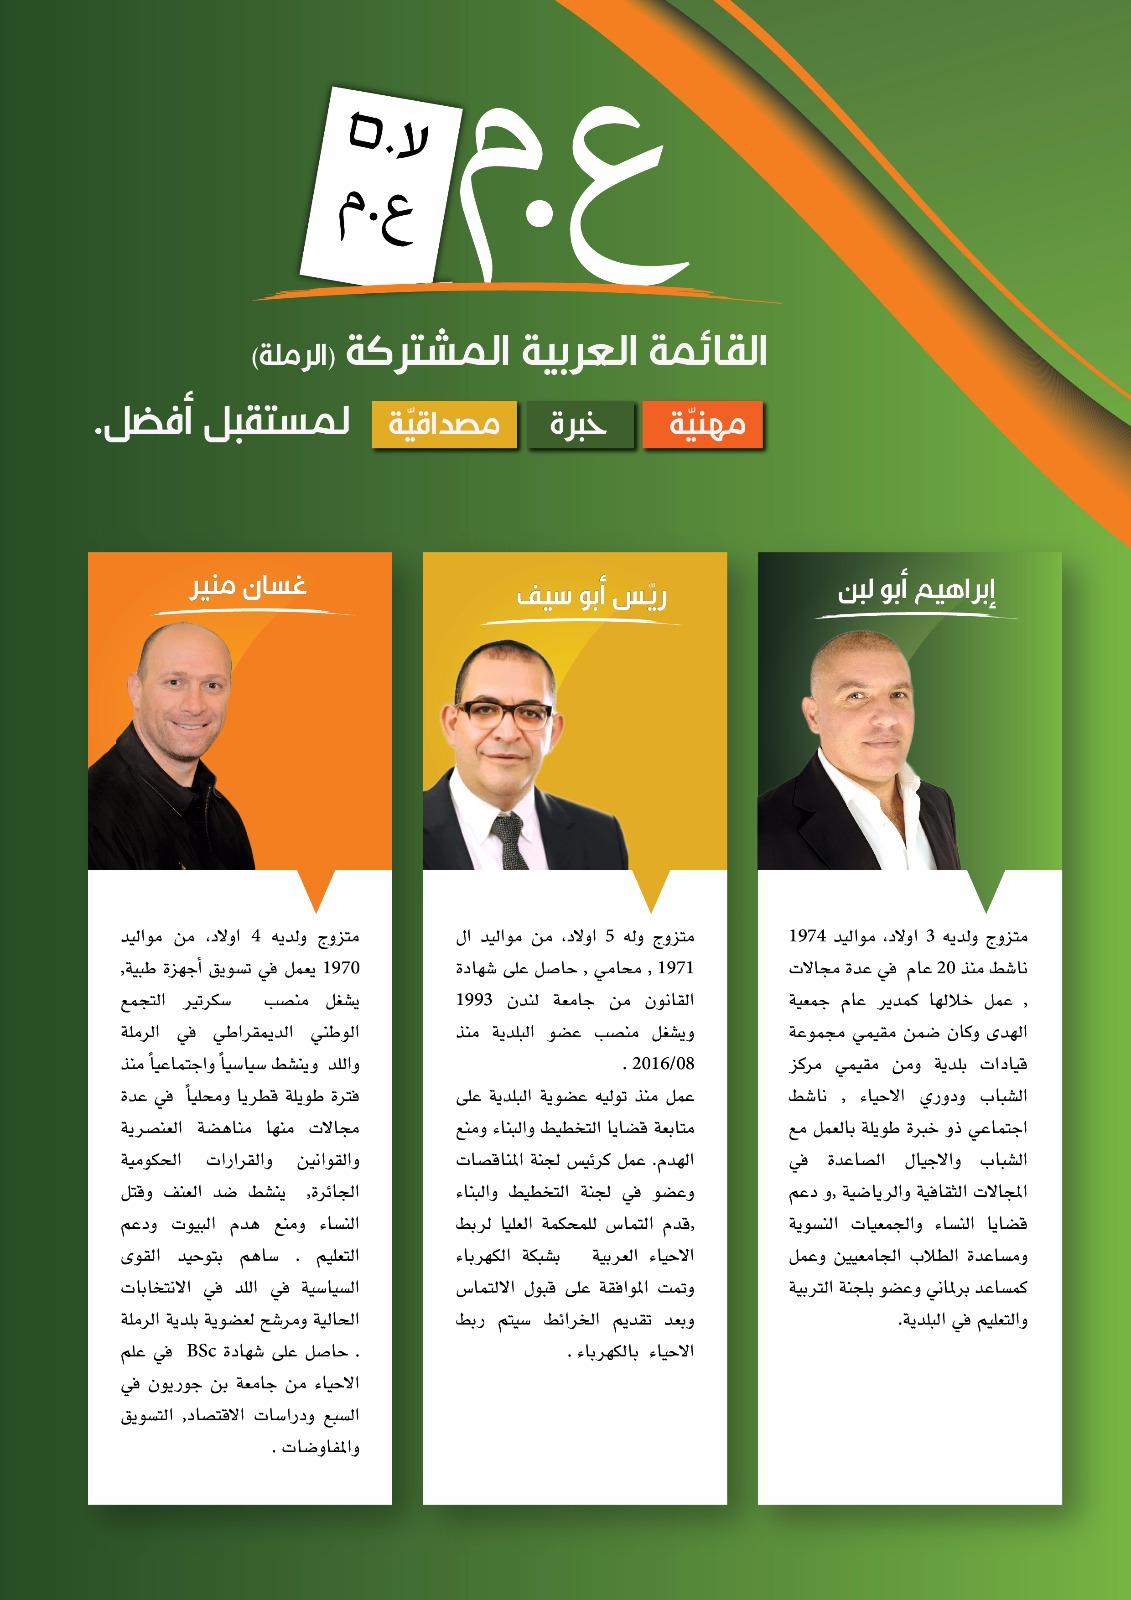 تعرّف على مرشحي القائمة العربية المشتركة وبرنامجها في مدينة الرملة